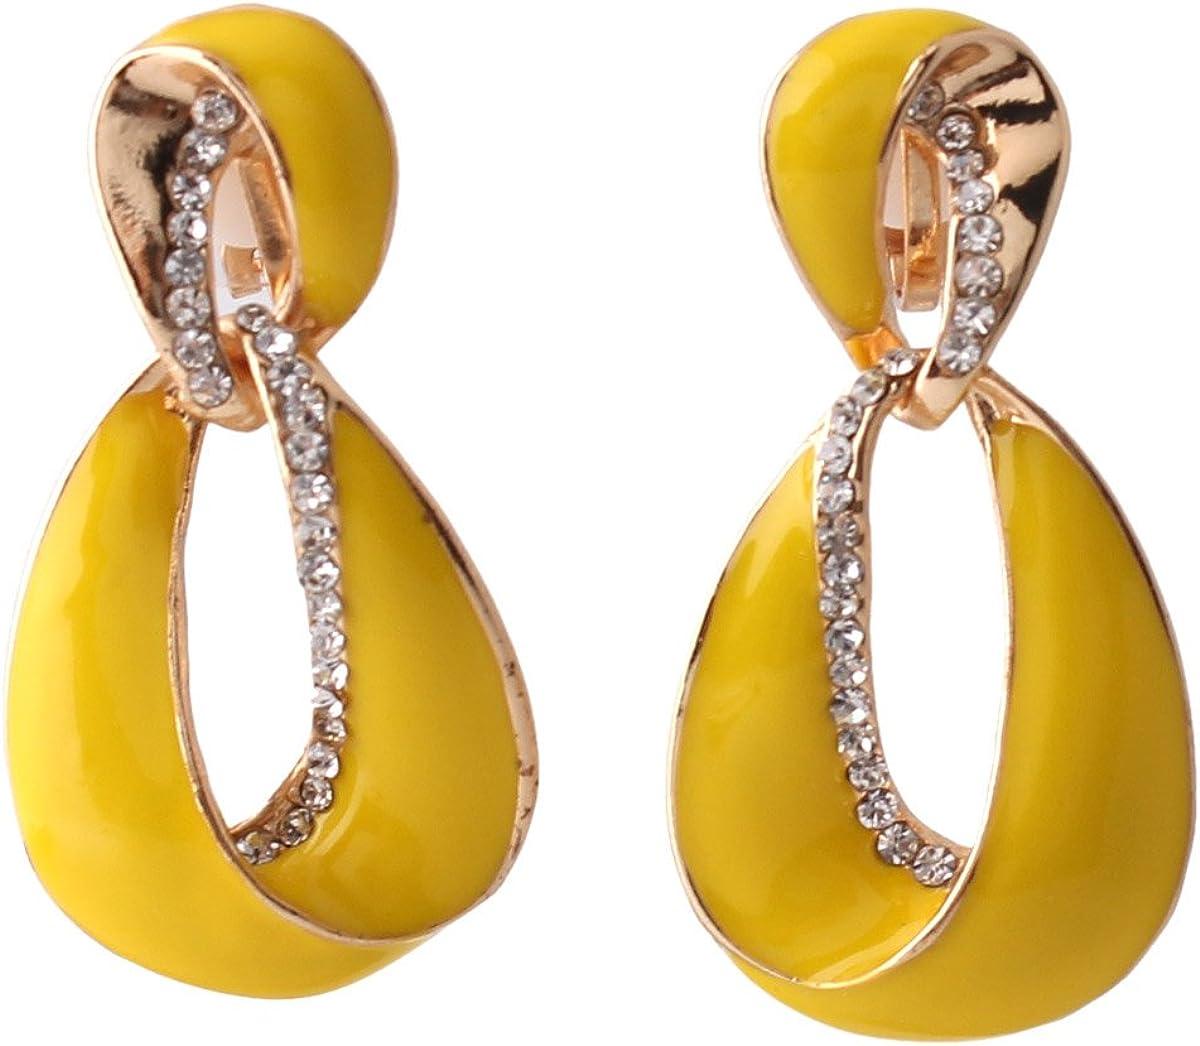 Grace Jun Large Gold Plated Rhinestone Enamel Clip on Earrings Non Piercing for Women Statement Earrings